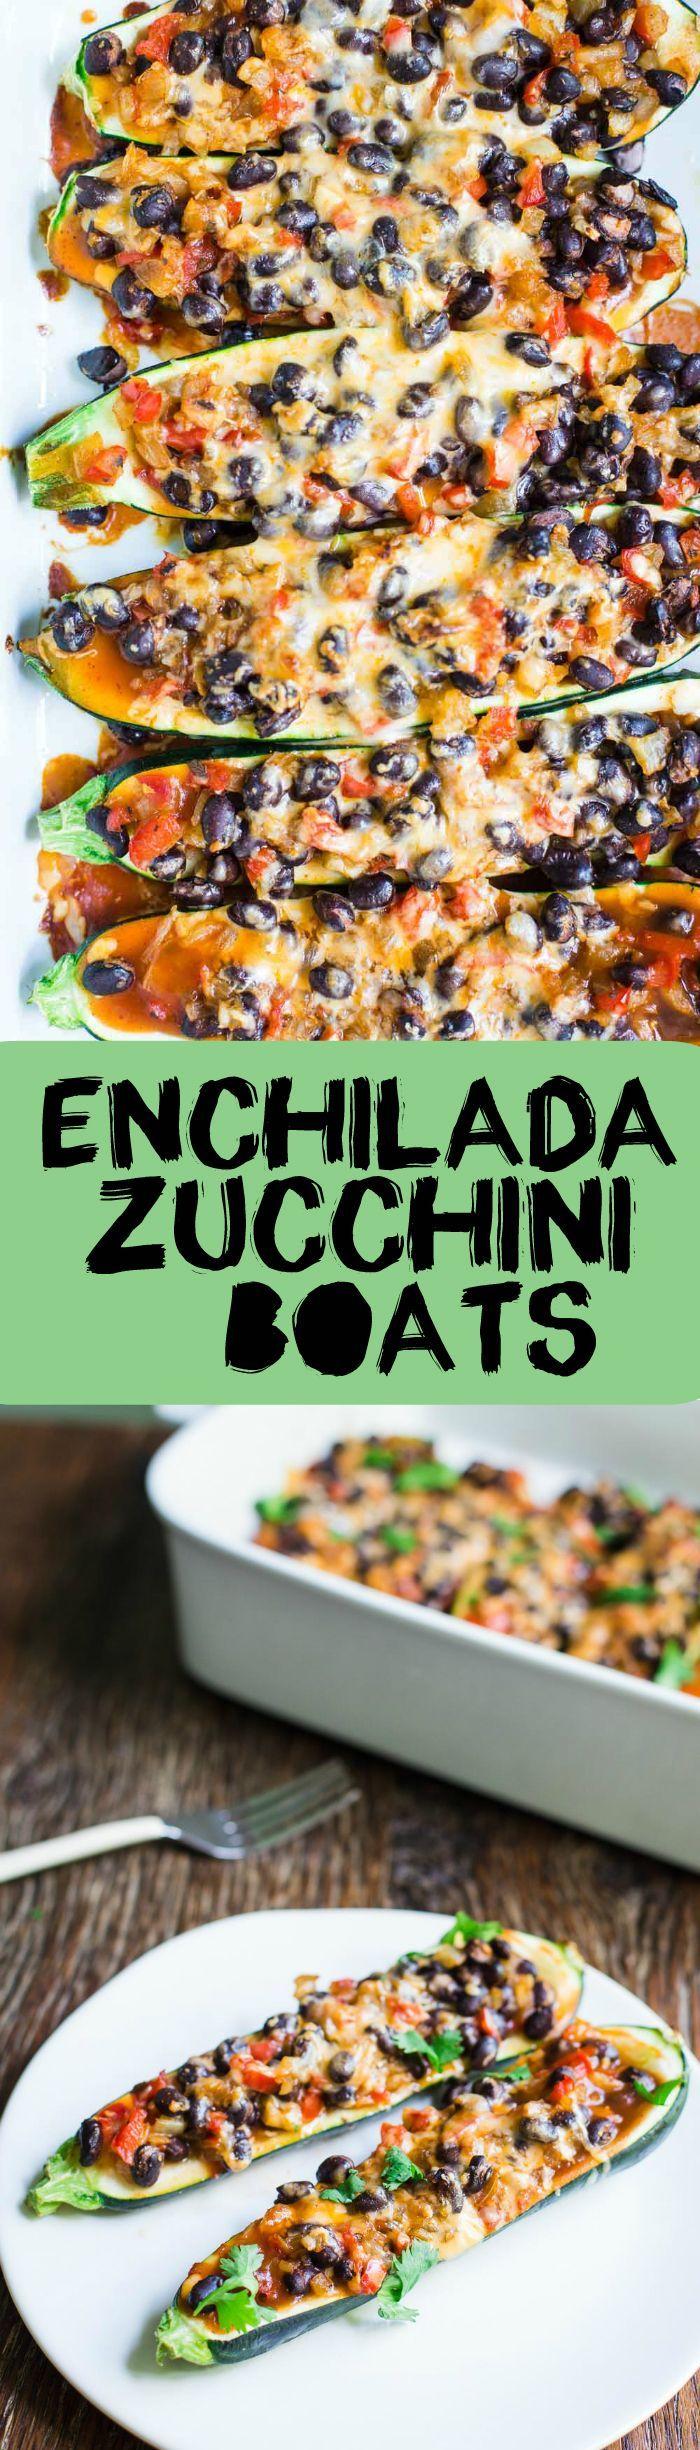 Enchilada Zucchini Boats Recipe Food Recette Vegetarienne